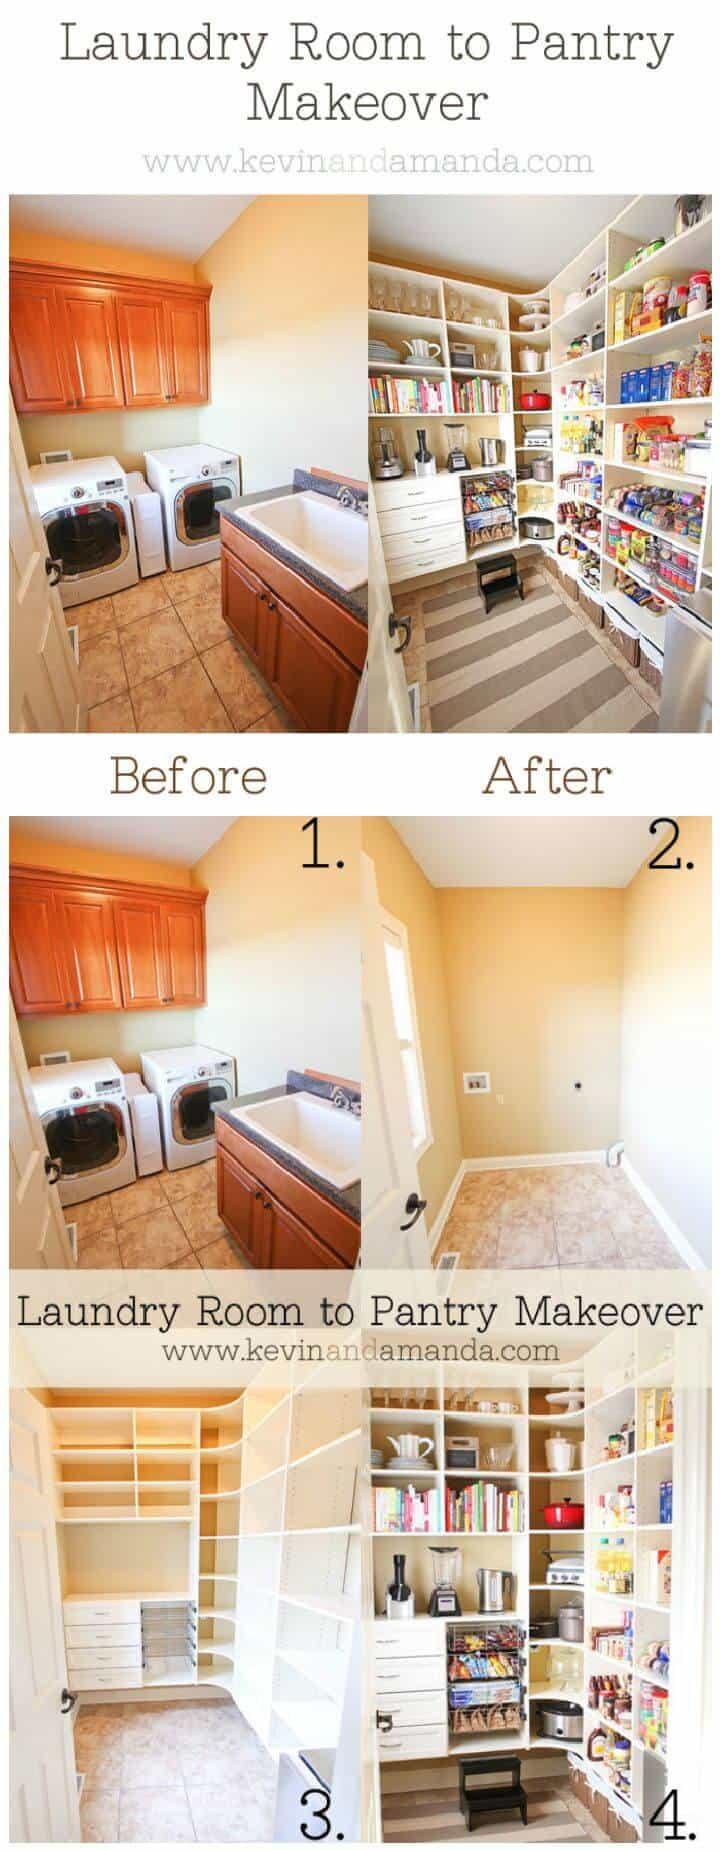 ¡Fotos de antes y después del cambio de imagen de la despensa!